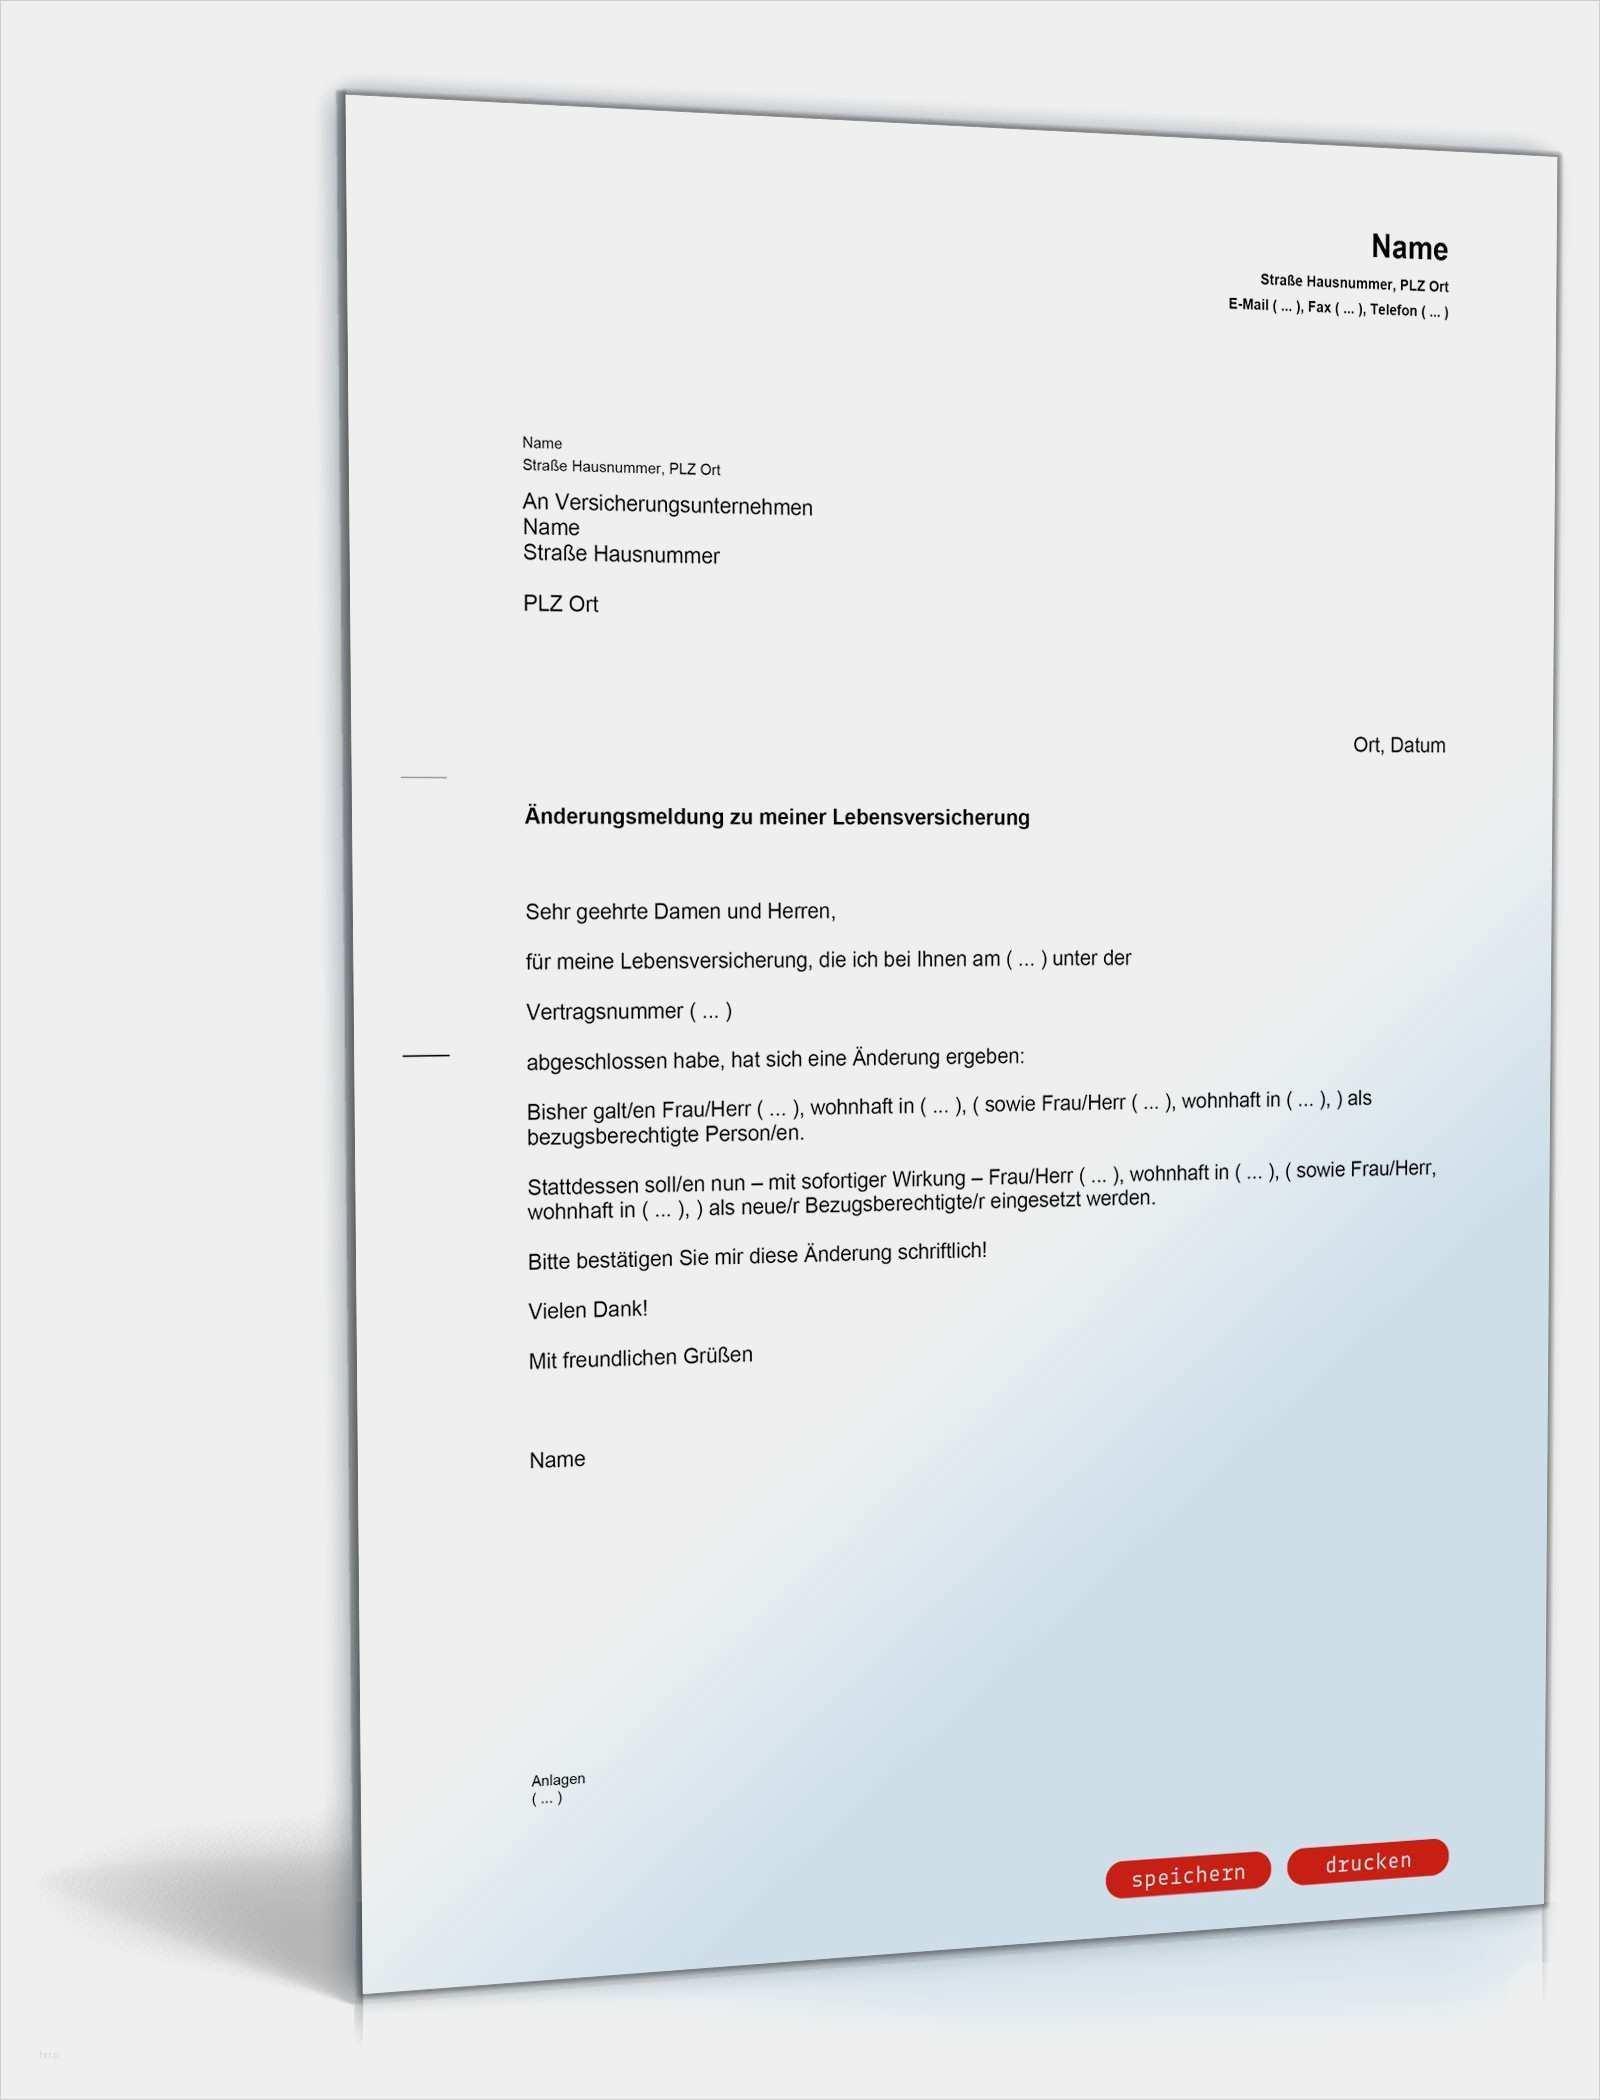 43 Bewundernswert Kundigung Lebensversicherung Aachenmunchener Vorlage Abbildung In 2020 Lebensversicherung Versicherung Leben